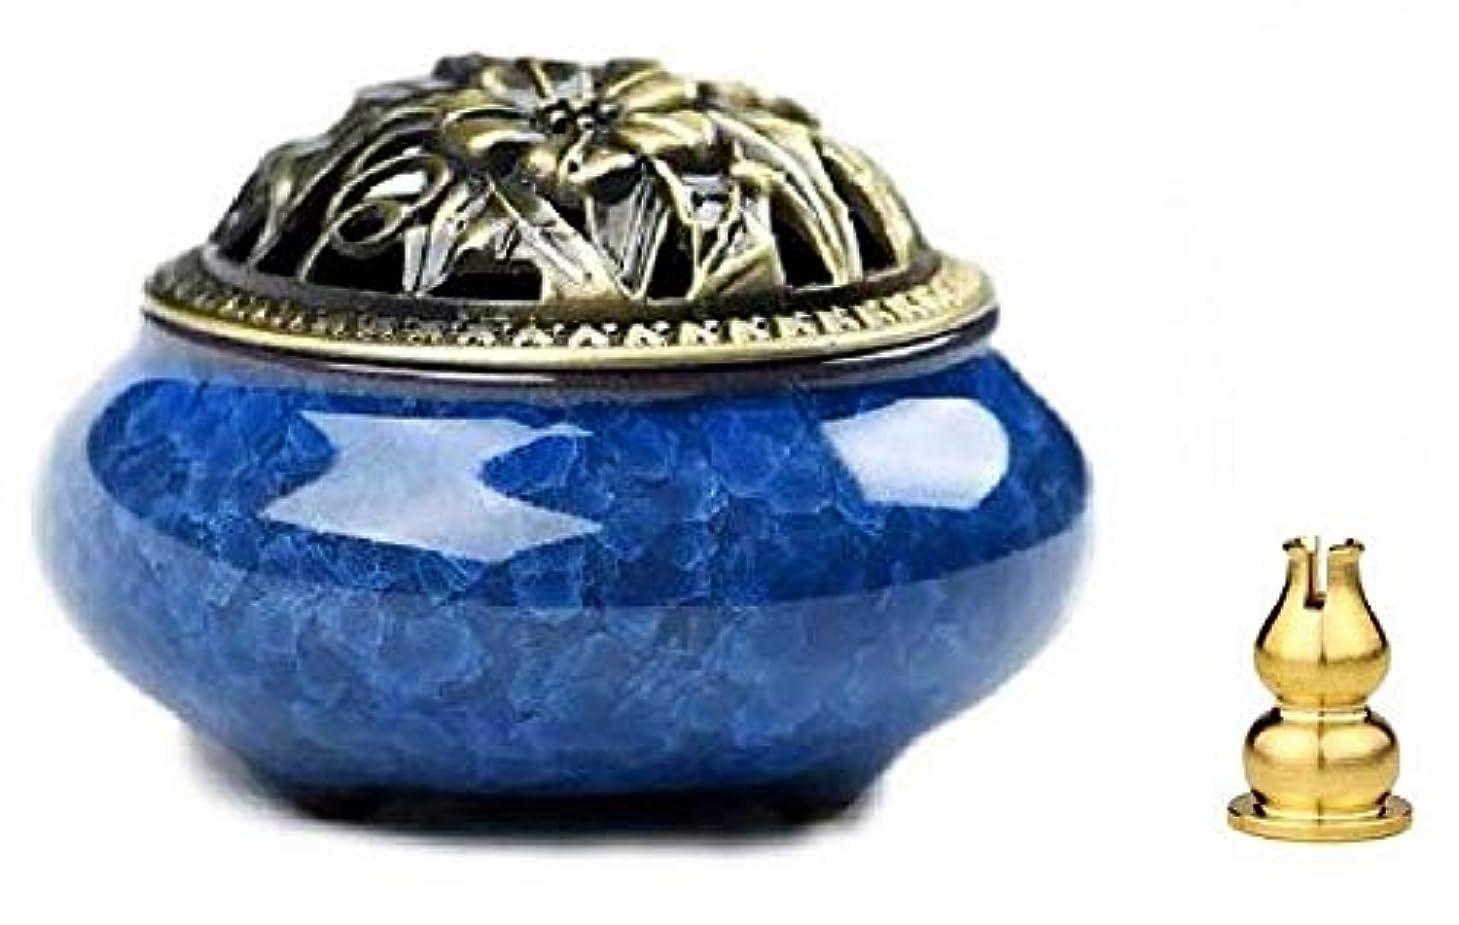 誓い形式講義陶磁器 香炉 青磁 丸香炉 お香立て 渦巻き線香 アロマ などに 香立て付き (青色)